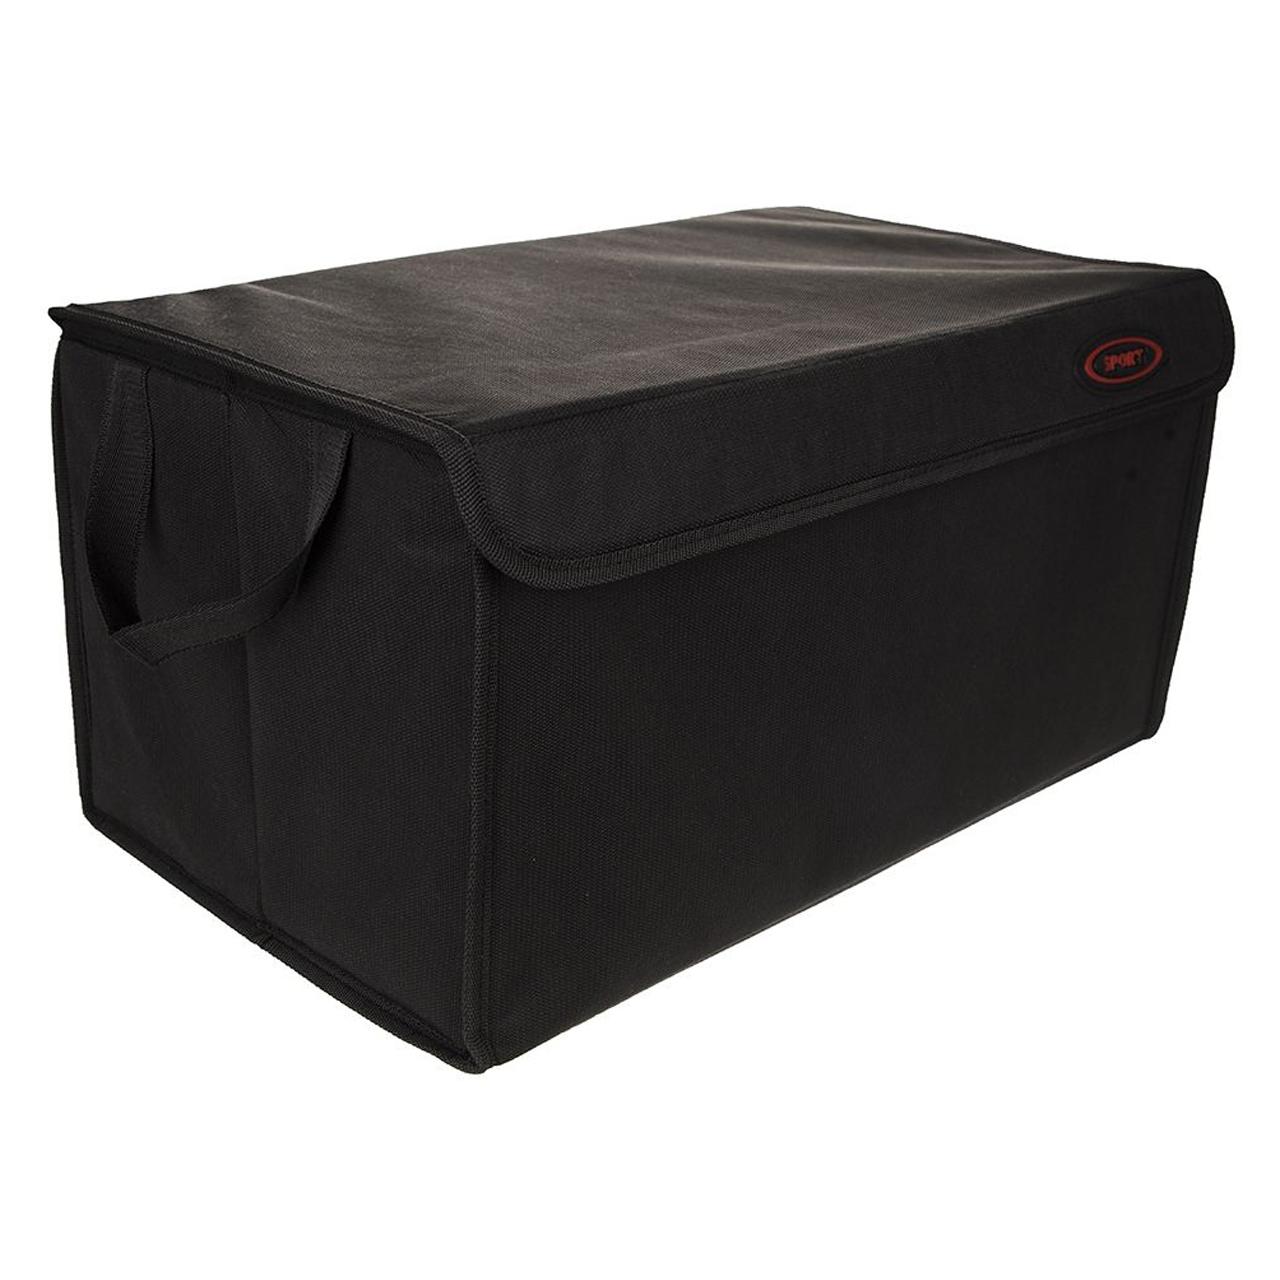 ساک نظم دهنده صندوق عقب یامی اسپورت مدل B20-4051